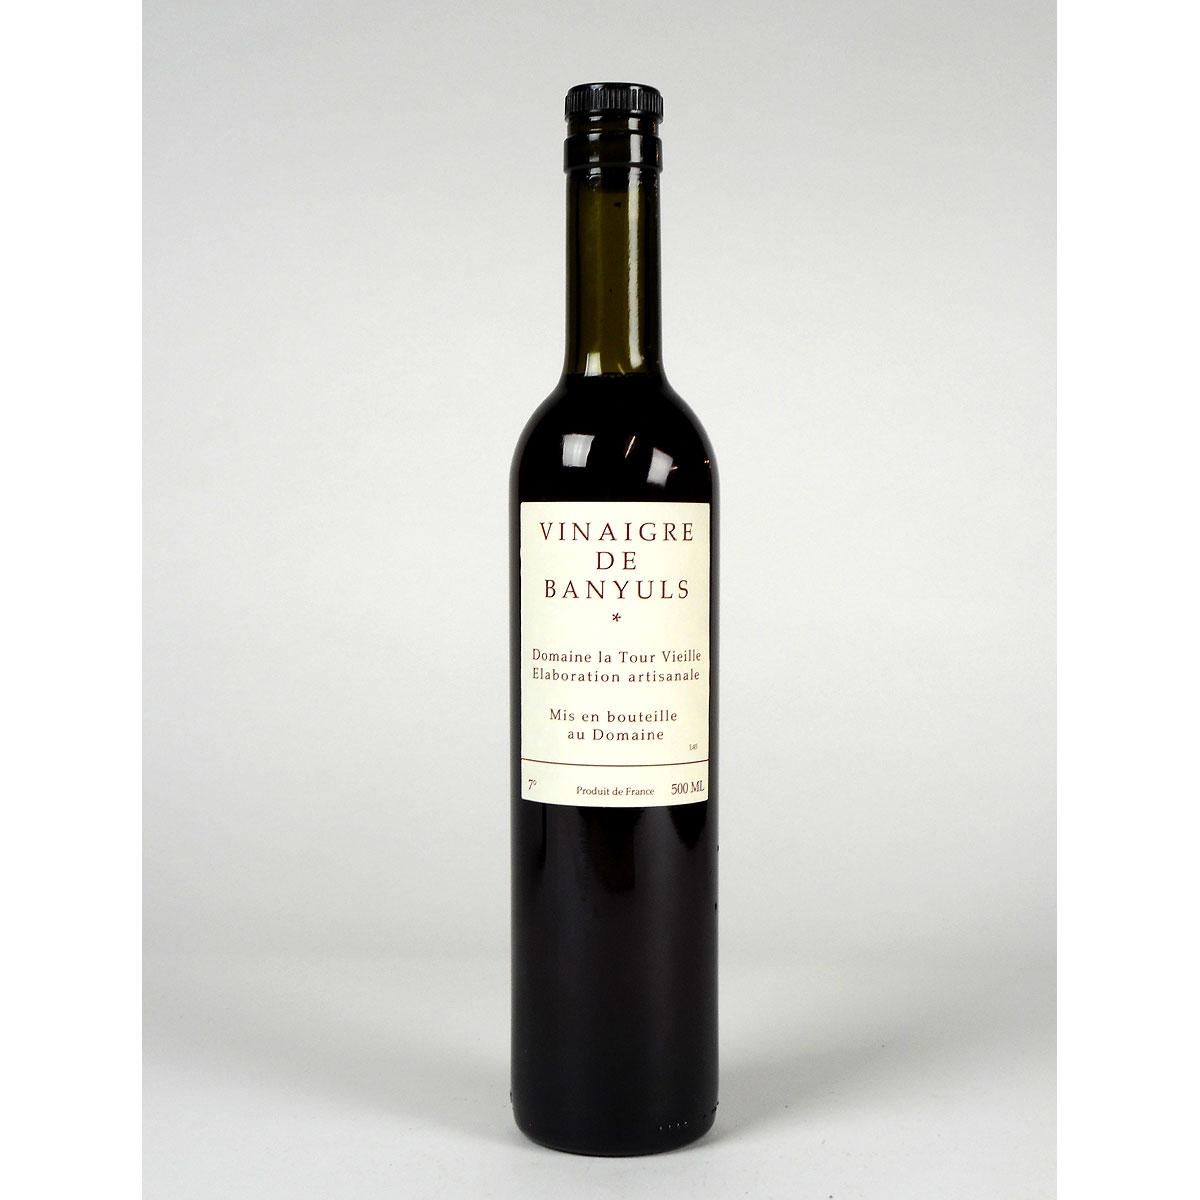 Vinaigre de Banyuls - Domaine la Tour Vieille - Bottle